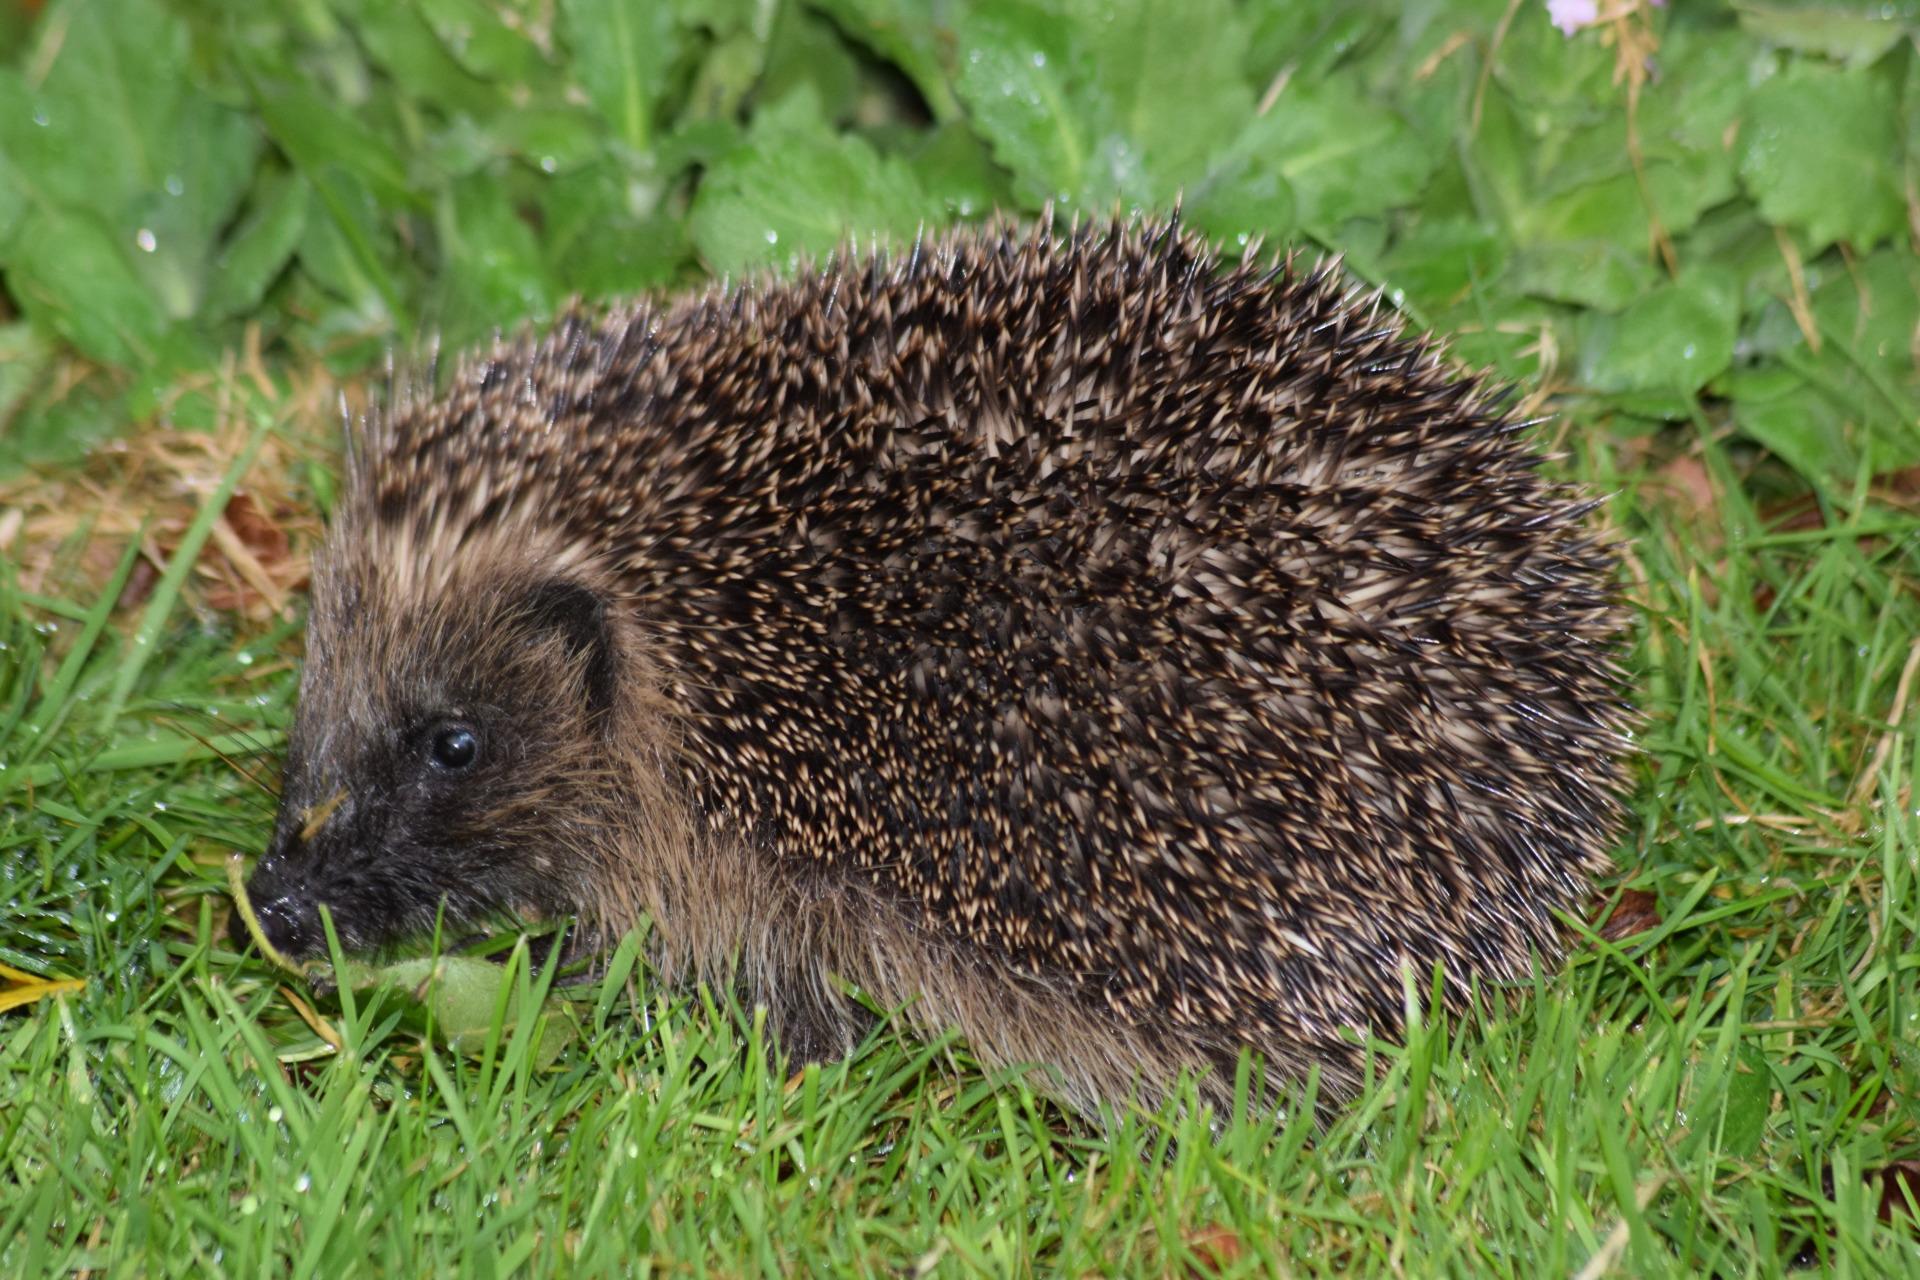 Hedgehog in Trouble